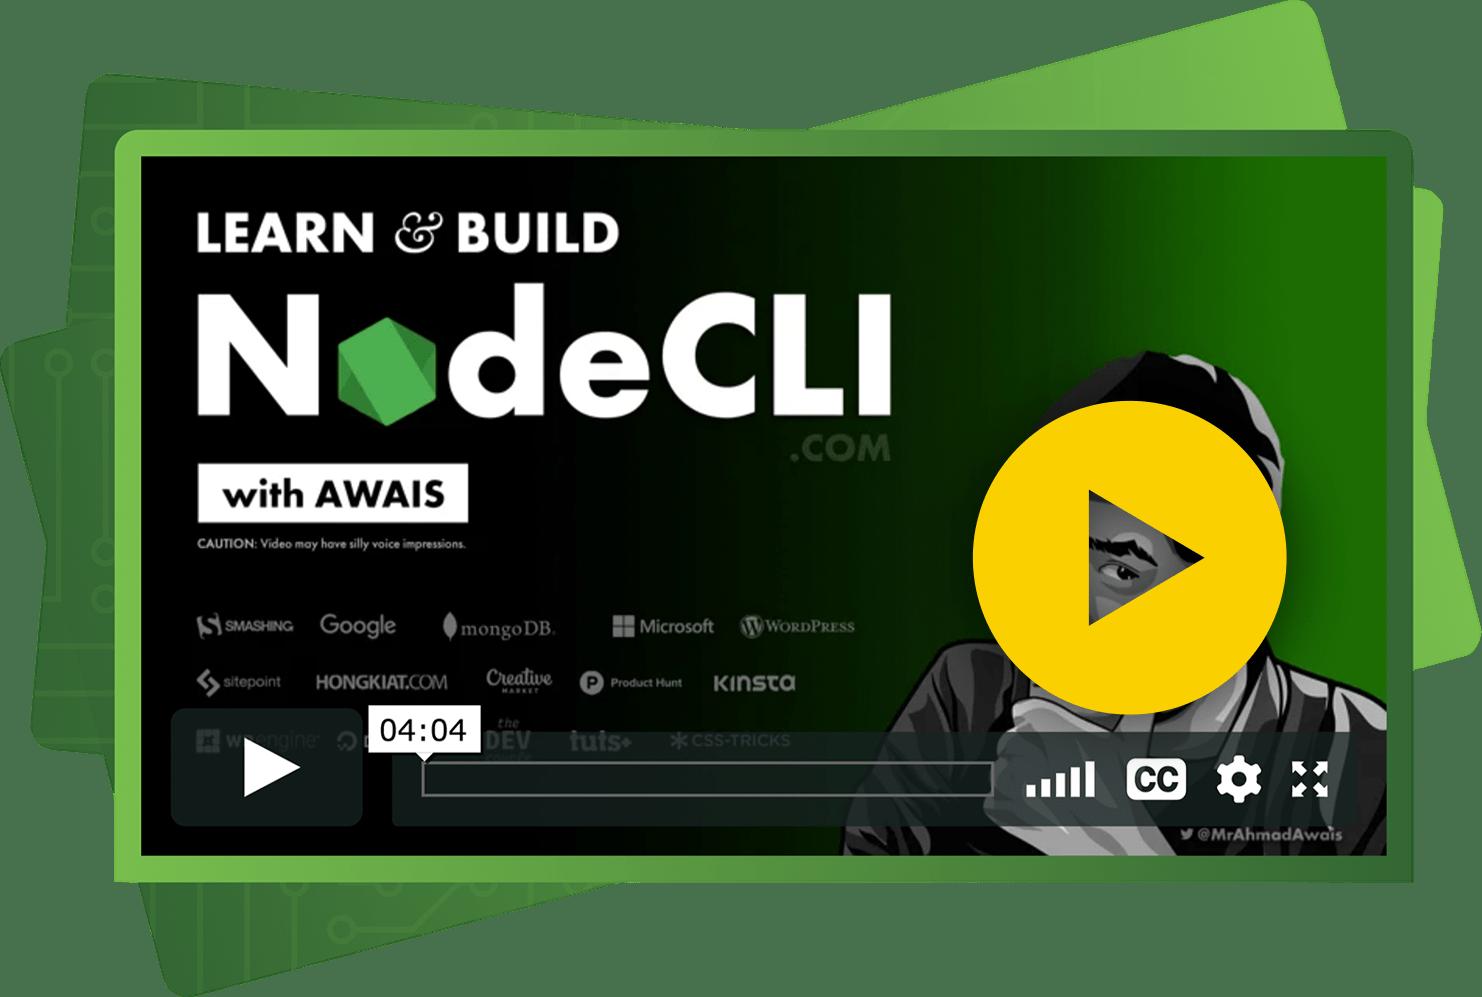 NodeCLI.com Course: Build CLI Apps